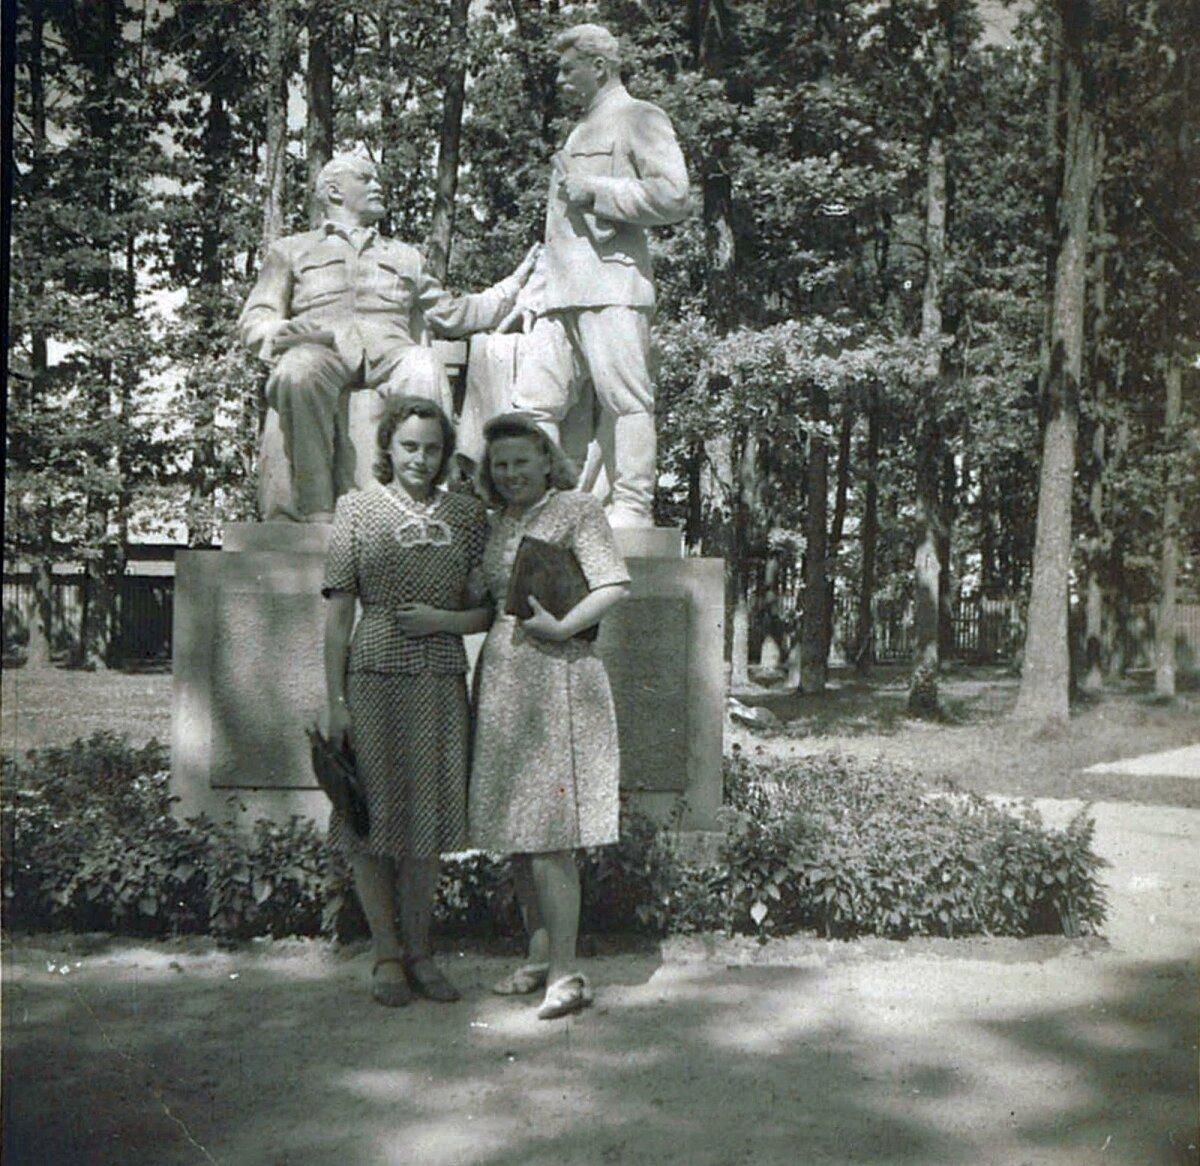 КРАСИВЫЕ ЖЕНЩИНЫ, СТРАШНЫЕ МУЖЧИНЫ: Дамы позируют у воздвигнутого в Синди совместного памятника двум советским тиранам – Ленину и Сталину. Фото: личный архив Марко Шорина